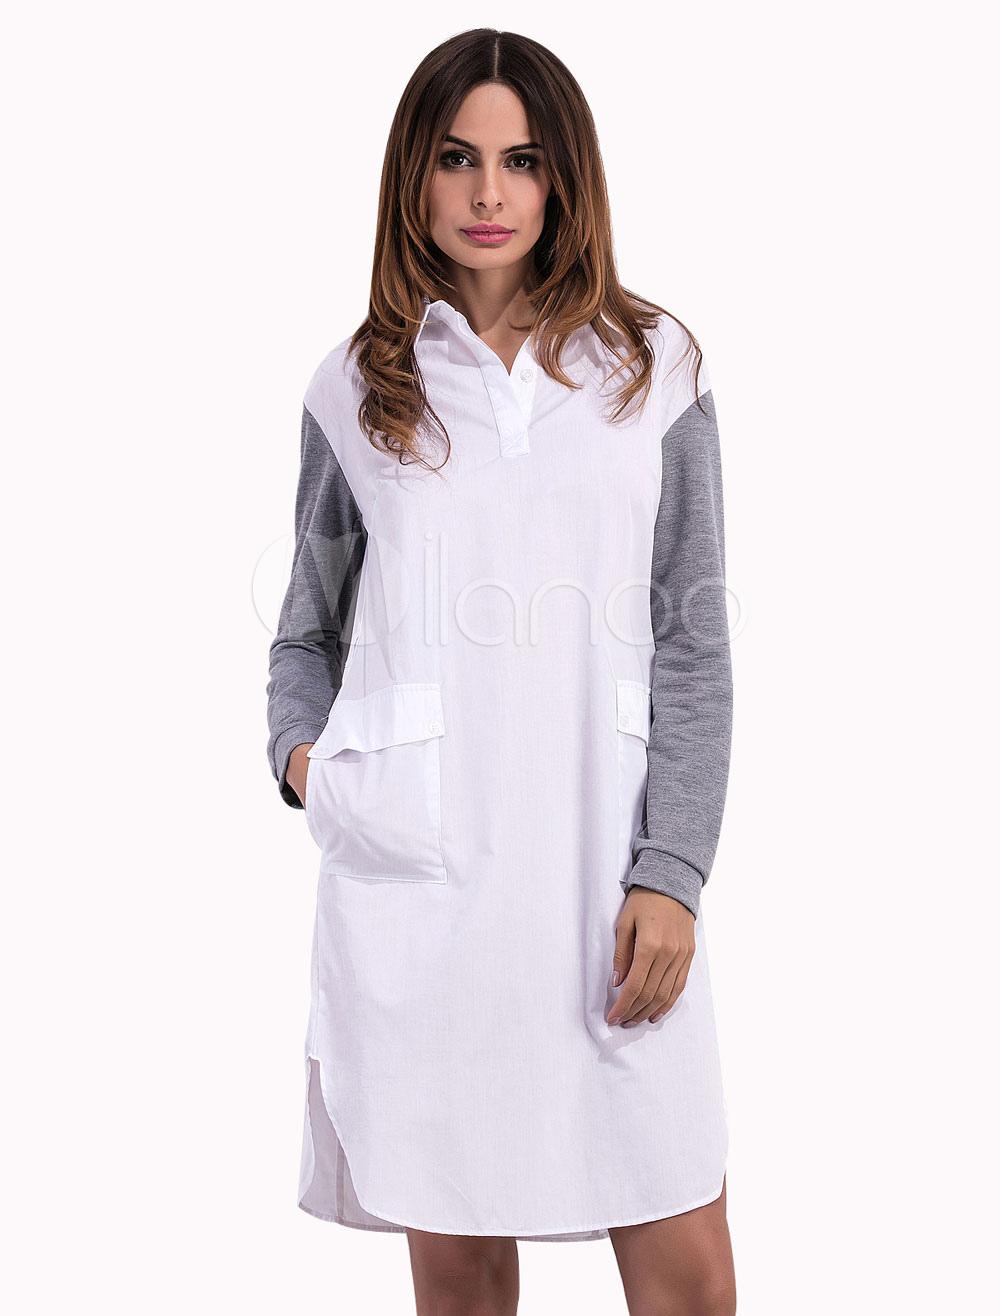 Pour Coton Poche Blouse Grande Casual Taille Femmes Chemise Blanche vNnw8m0yO